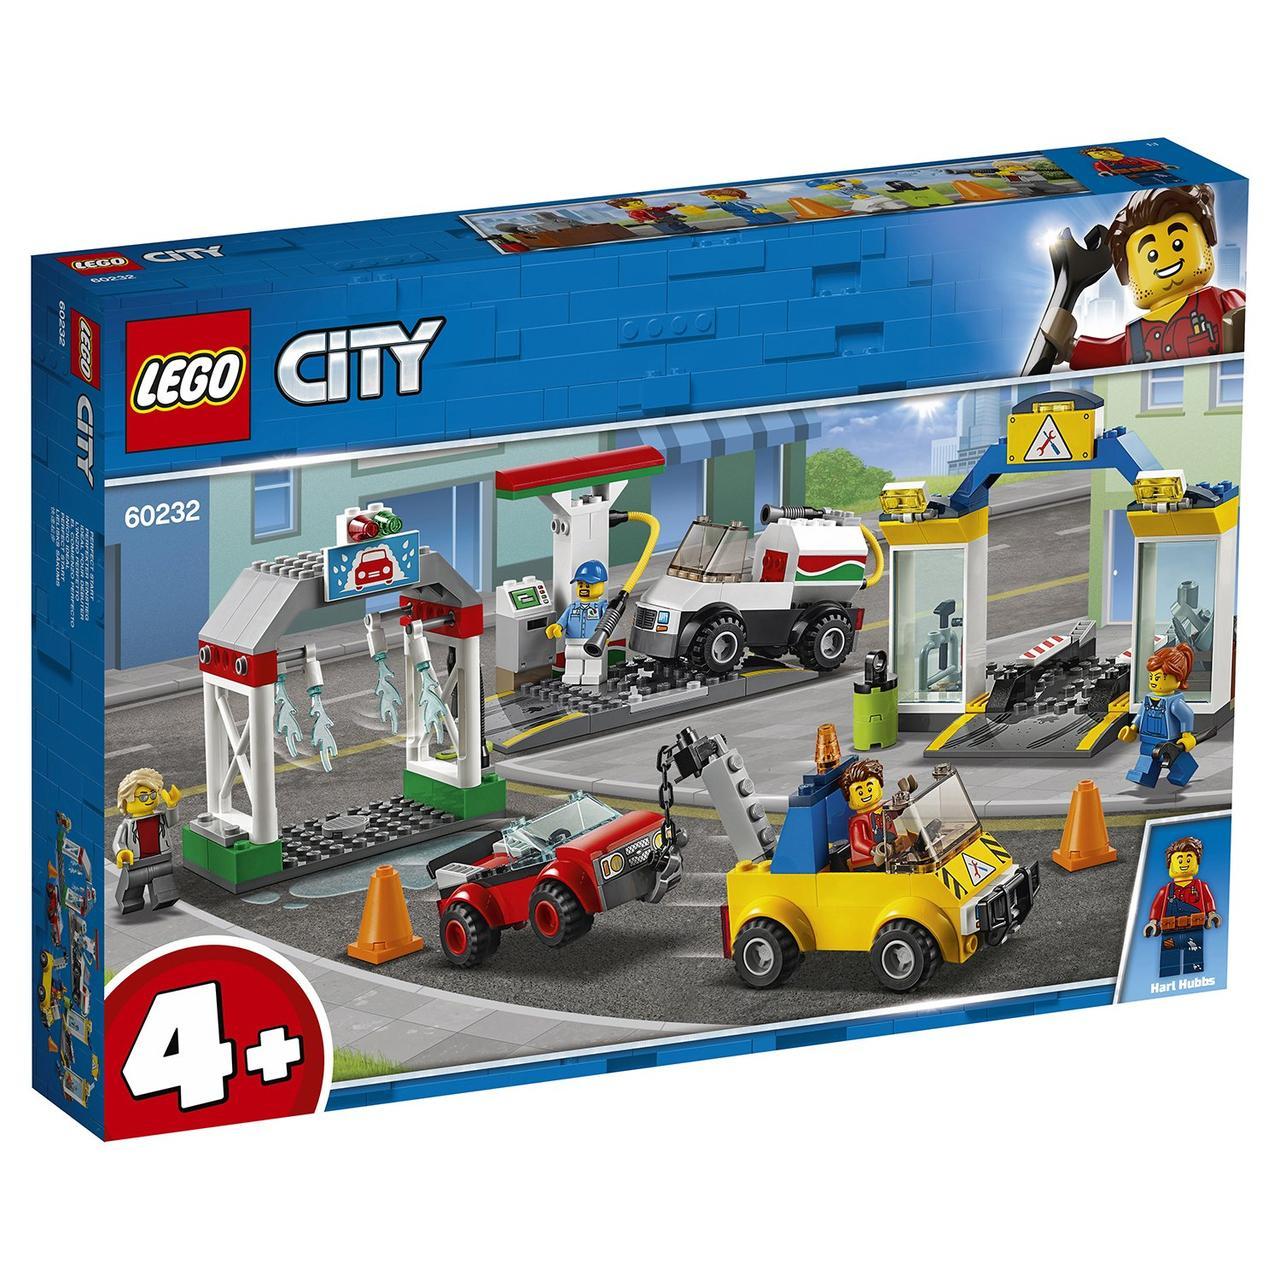 60232 Lego City Автостоянка, Лего Город Сити